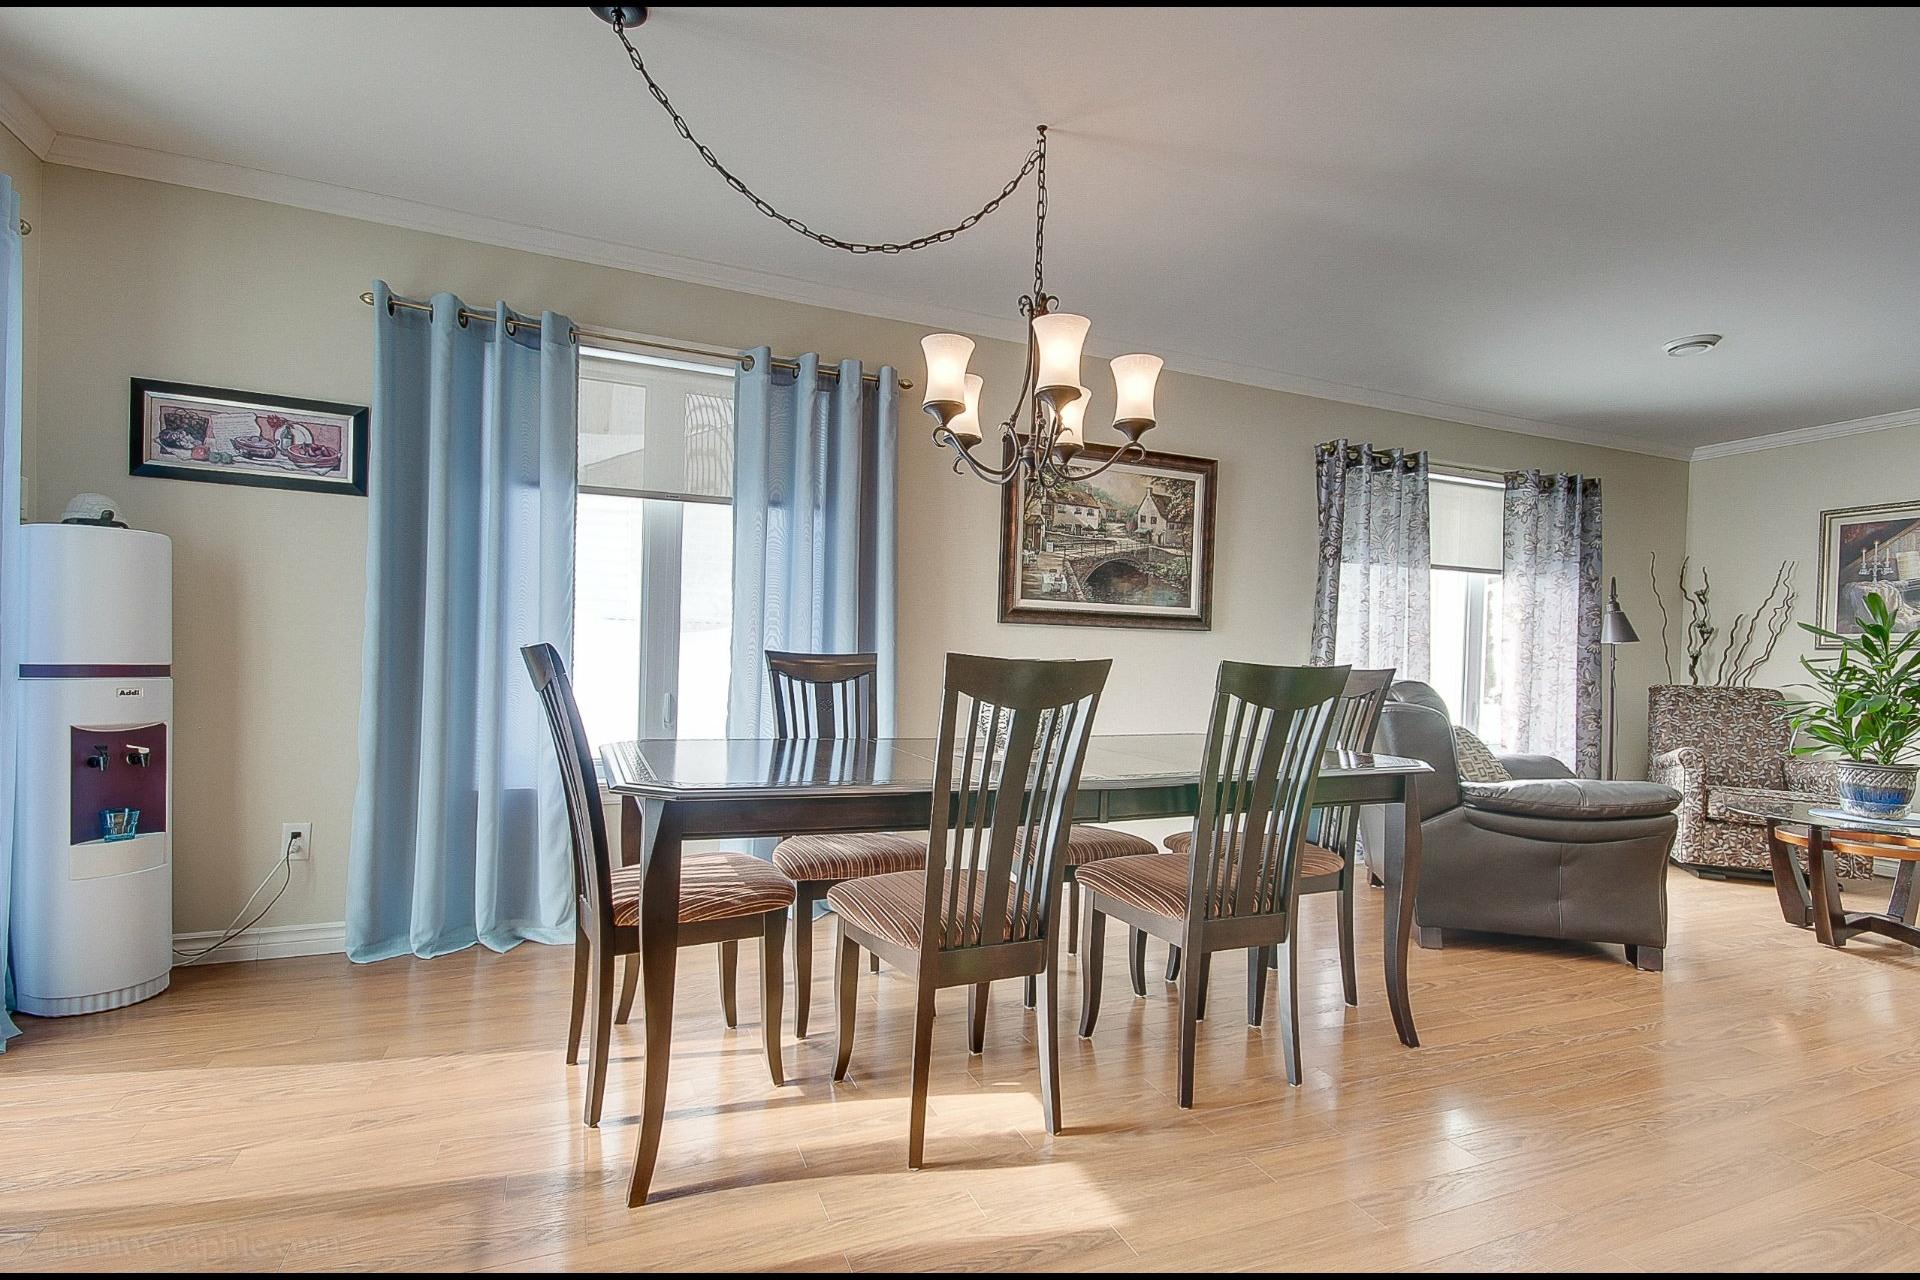 image 6 - Appartement À vendre Trois-Rivières - 9 pièces